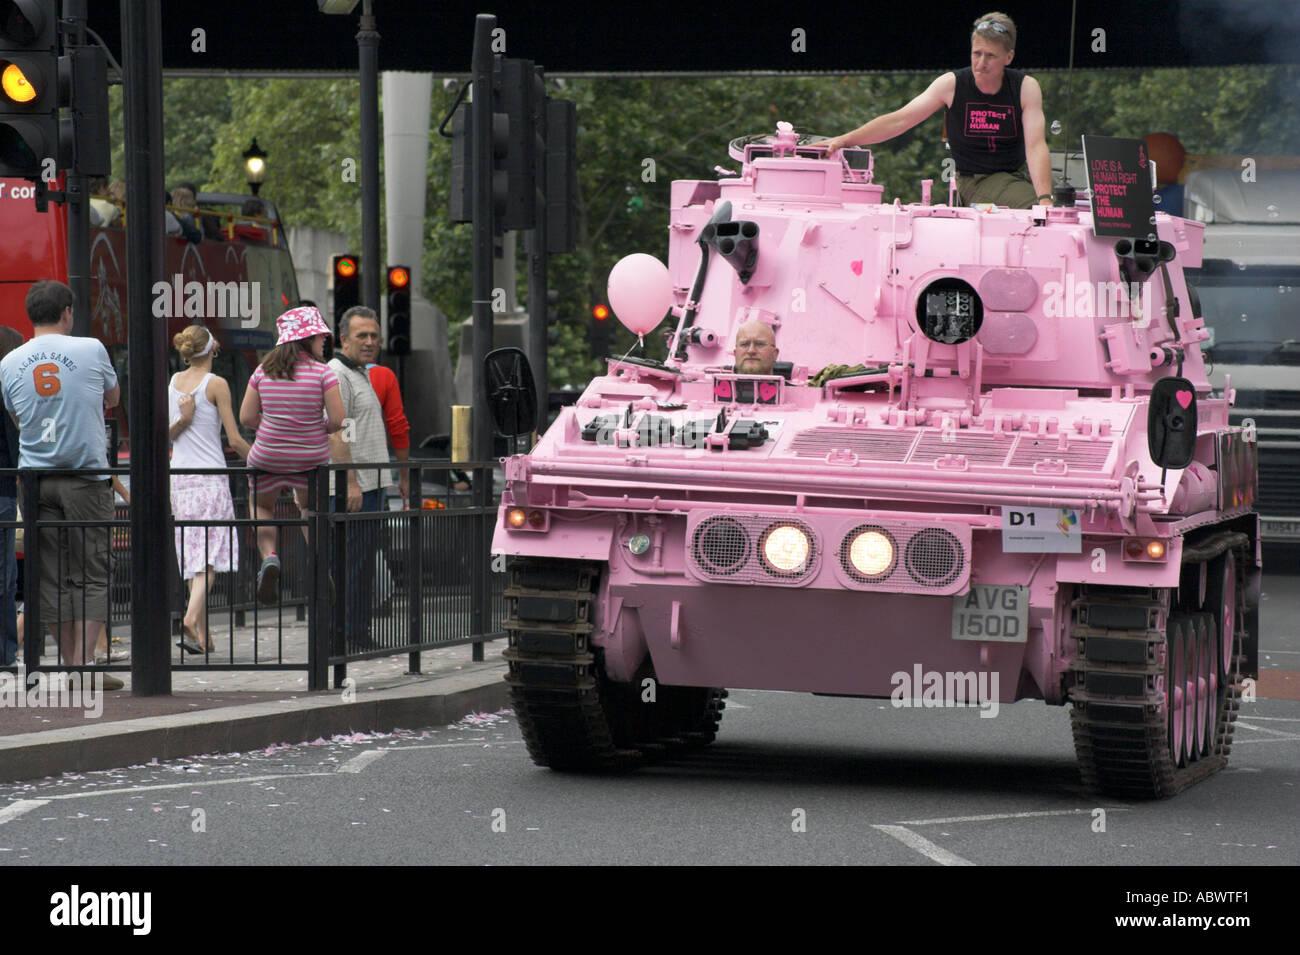 Pink Army Tank at the London Gay Pride Parade 2005 - Stock Image